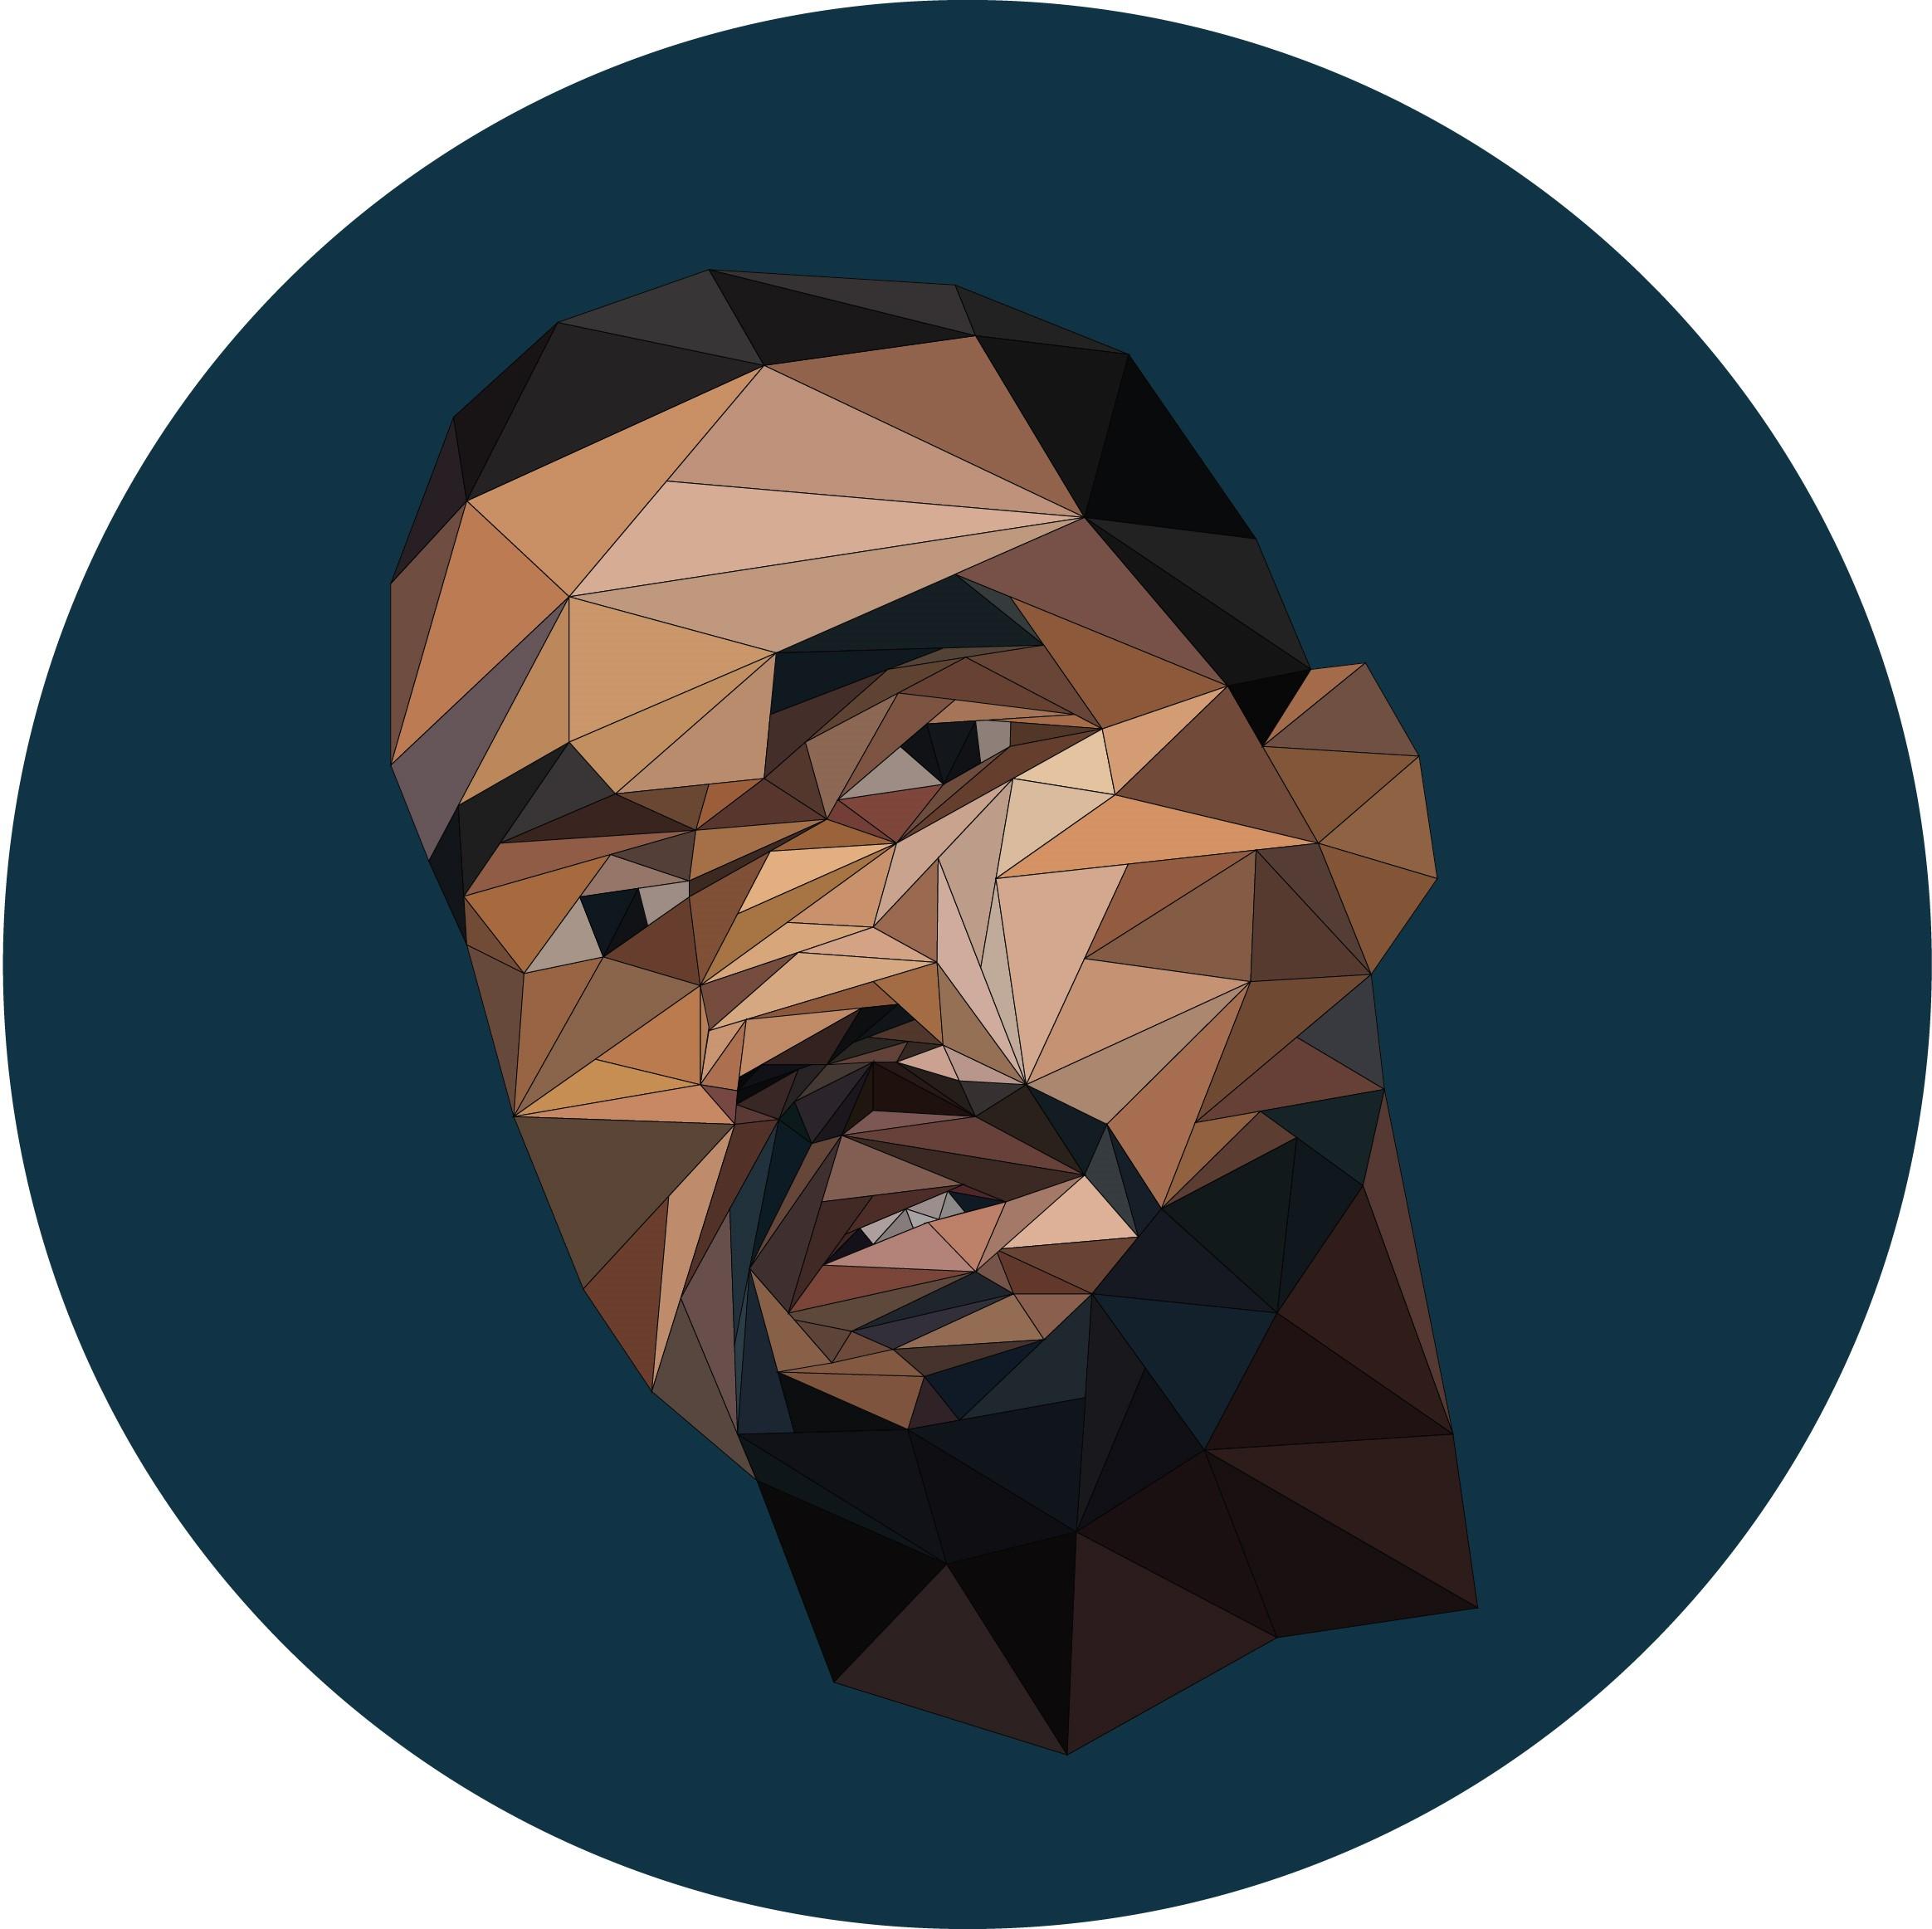 Kanye West Illustration Digital Design.